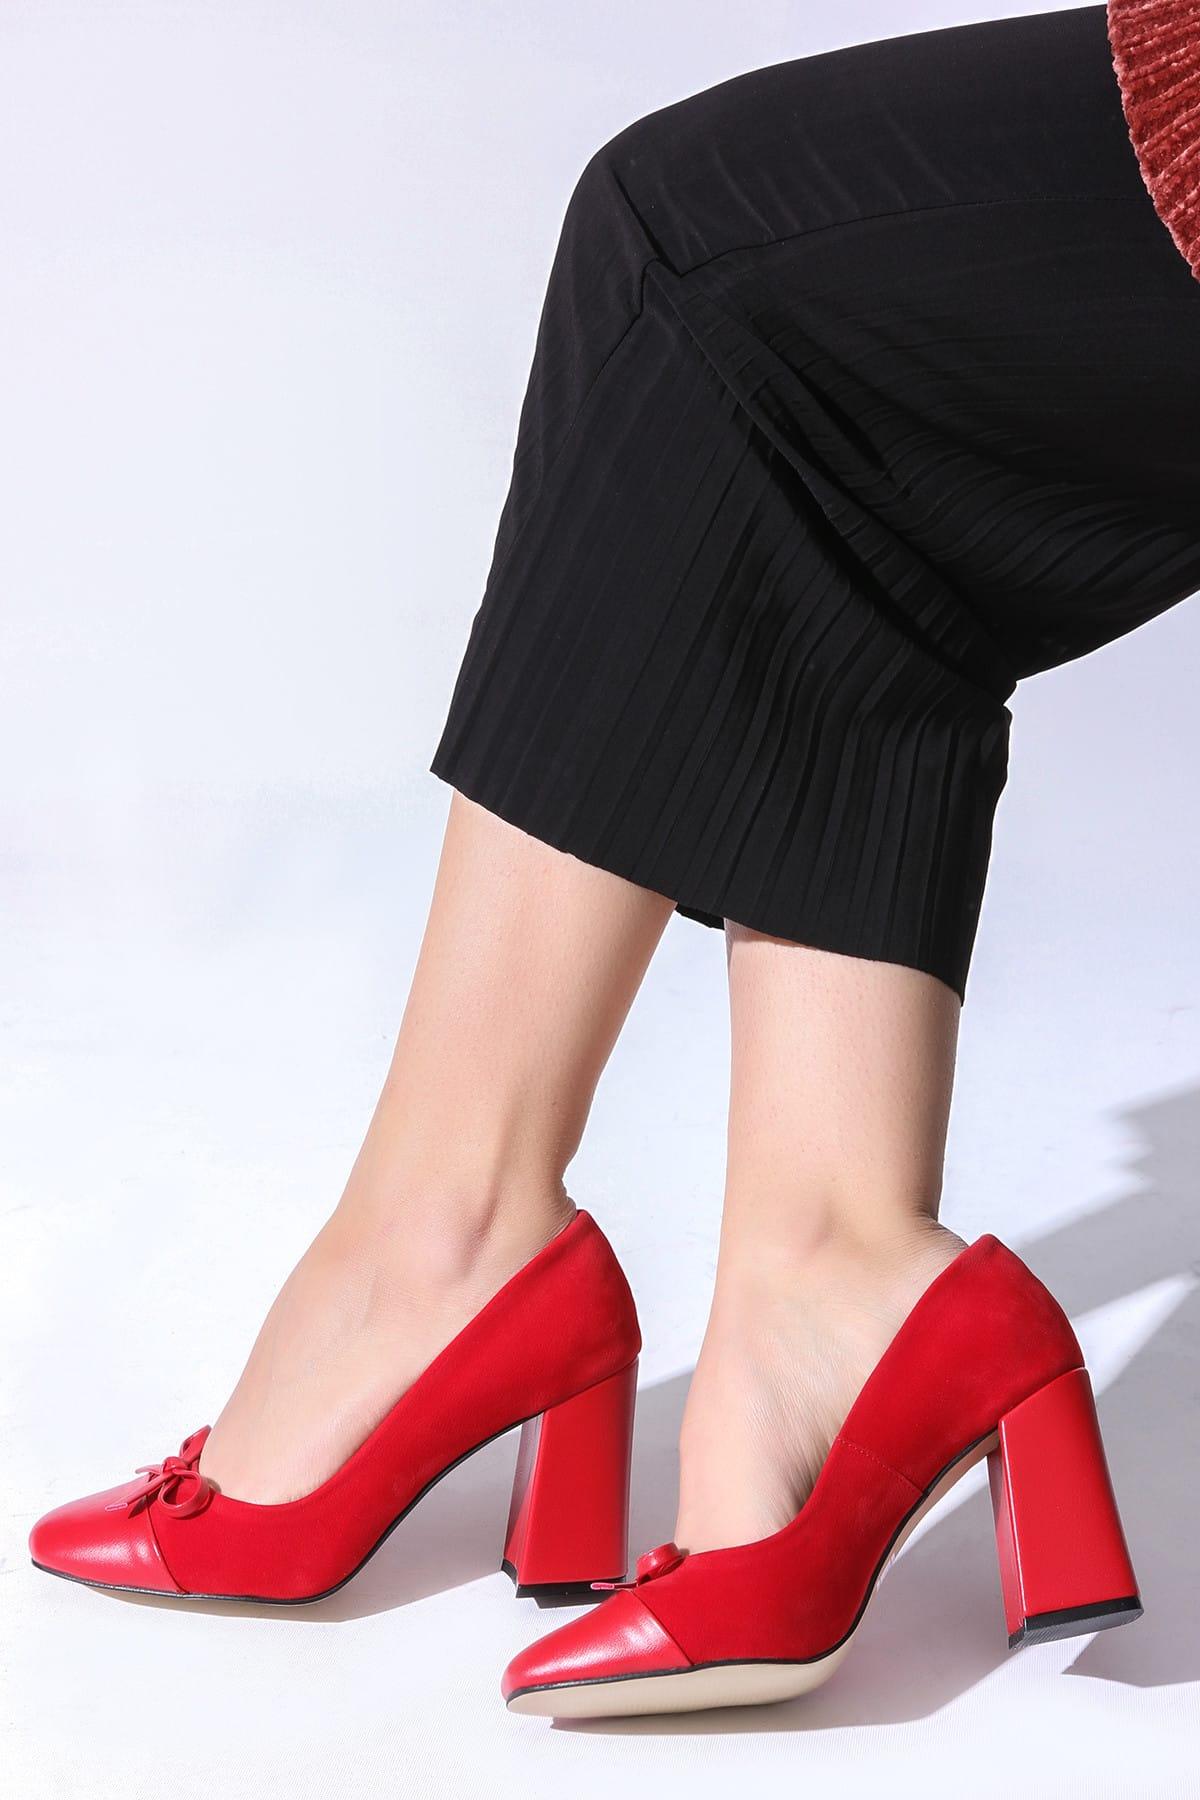 ROVIGO Kırmızı Kadın Topuklu Ayakkabı 11112014187-1-01 1